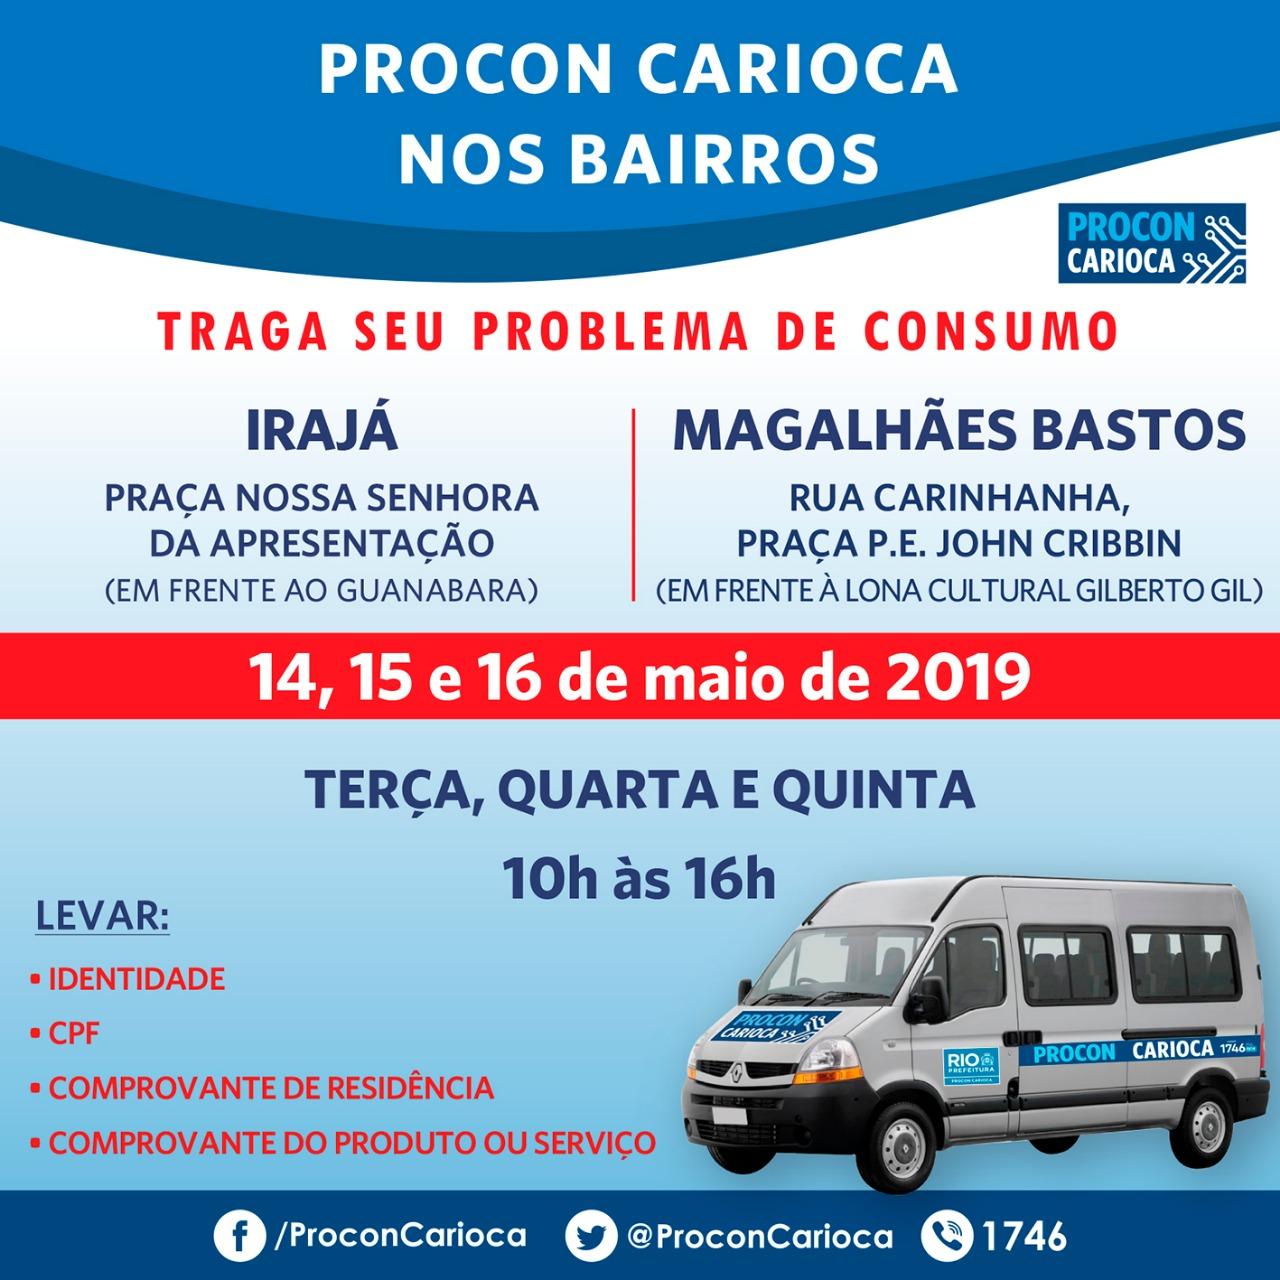 Procon Carioca atende em Irajá e Magalhães Bastos